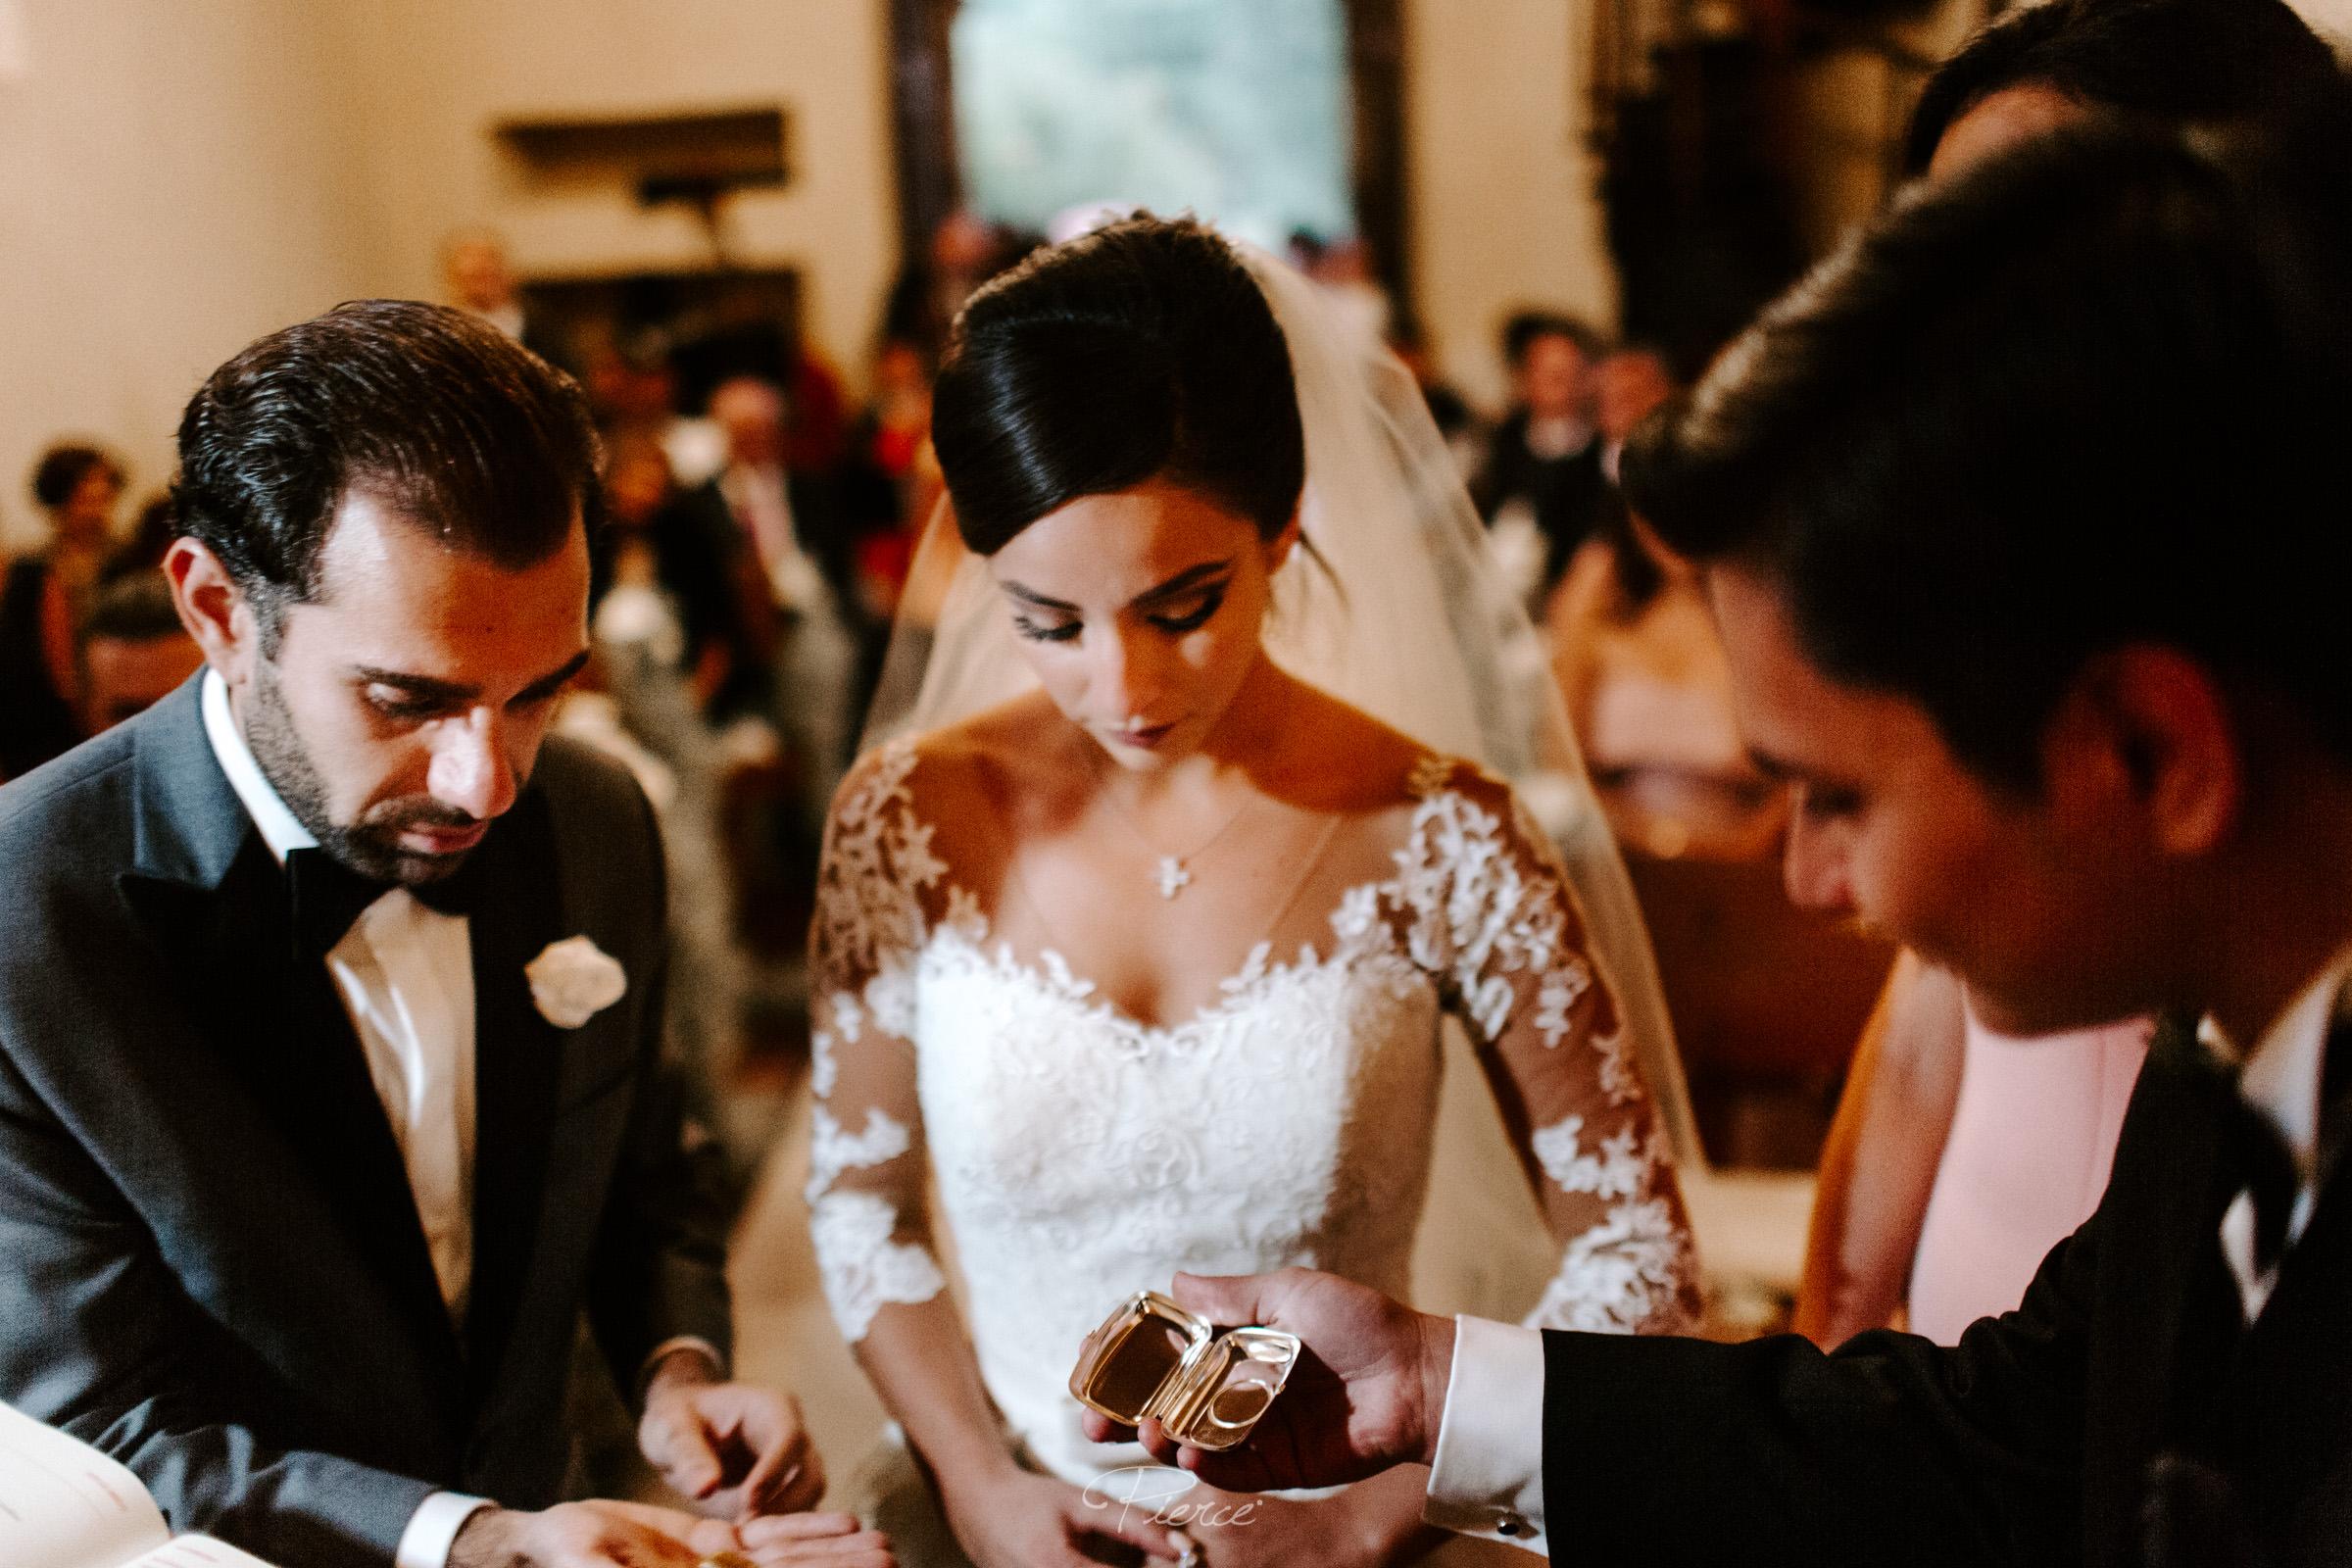 fotografia-de-boda-valle-de-bravo-mexico-rosmarino-pierce-weddings-0093.JPG